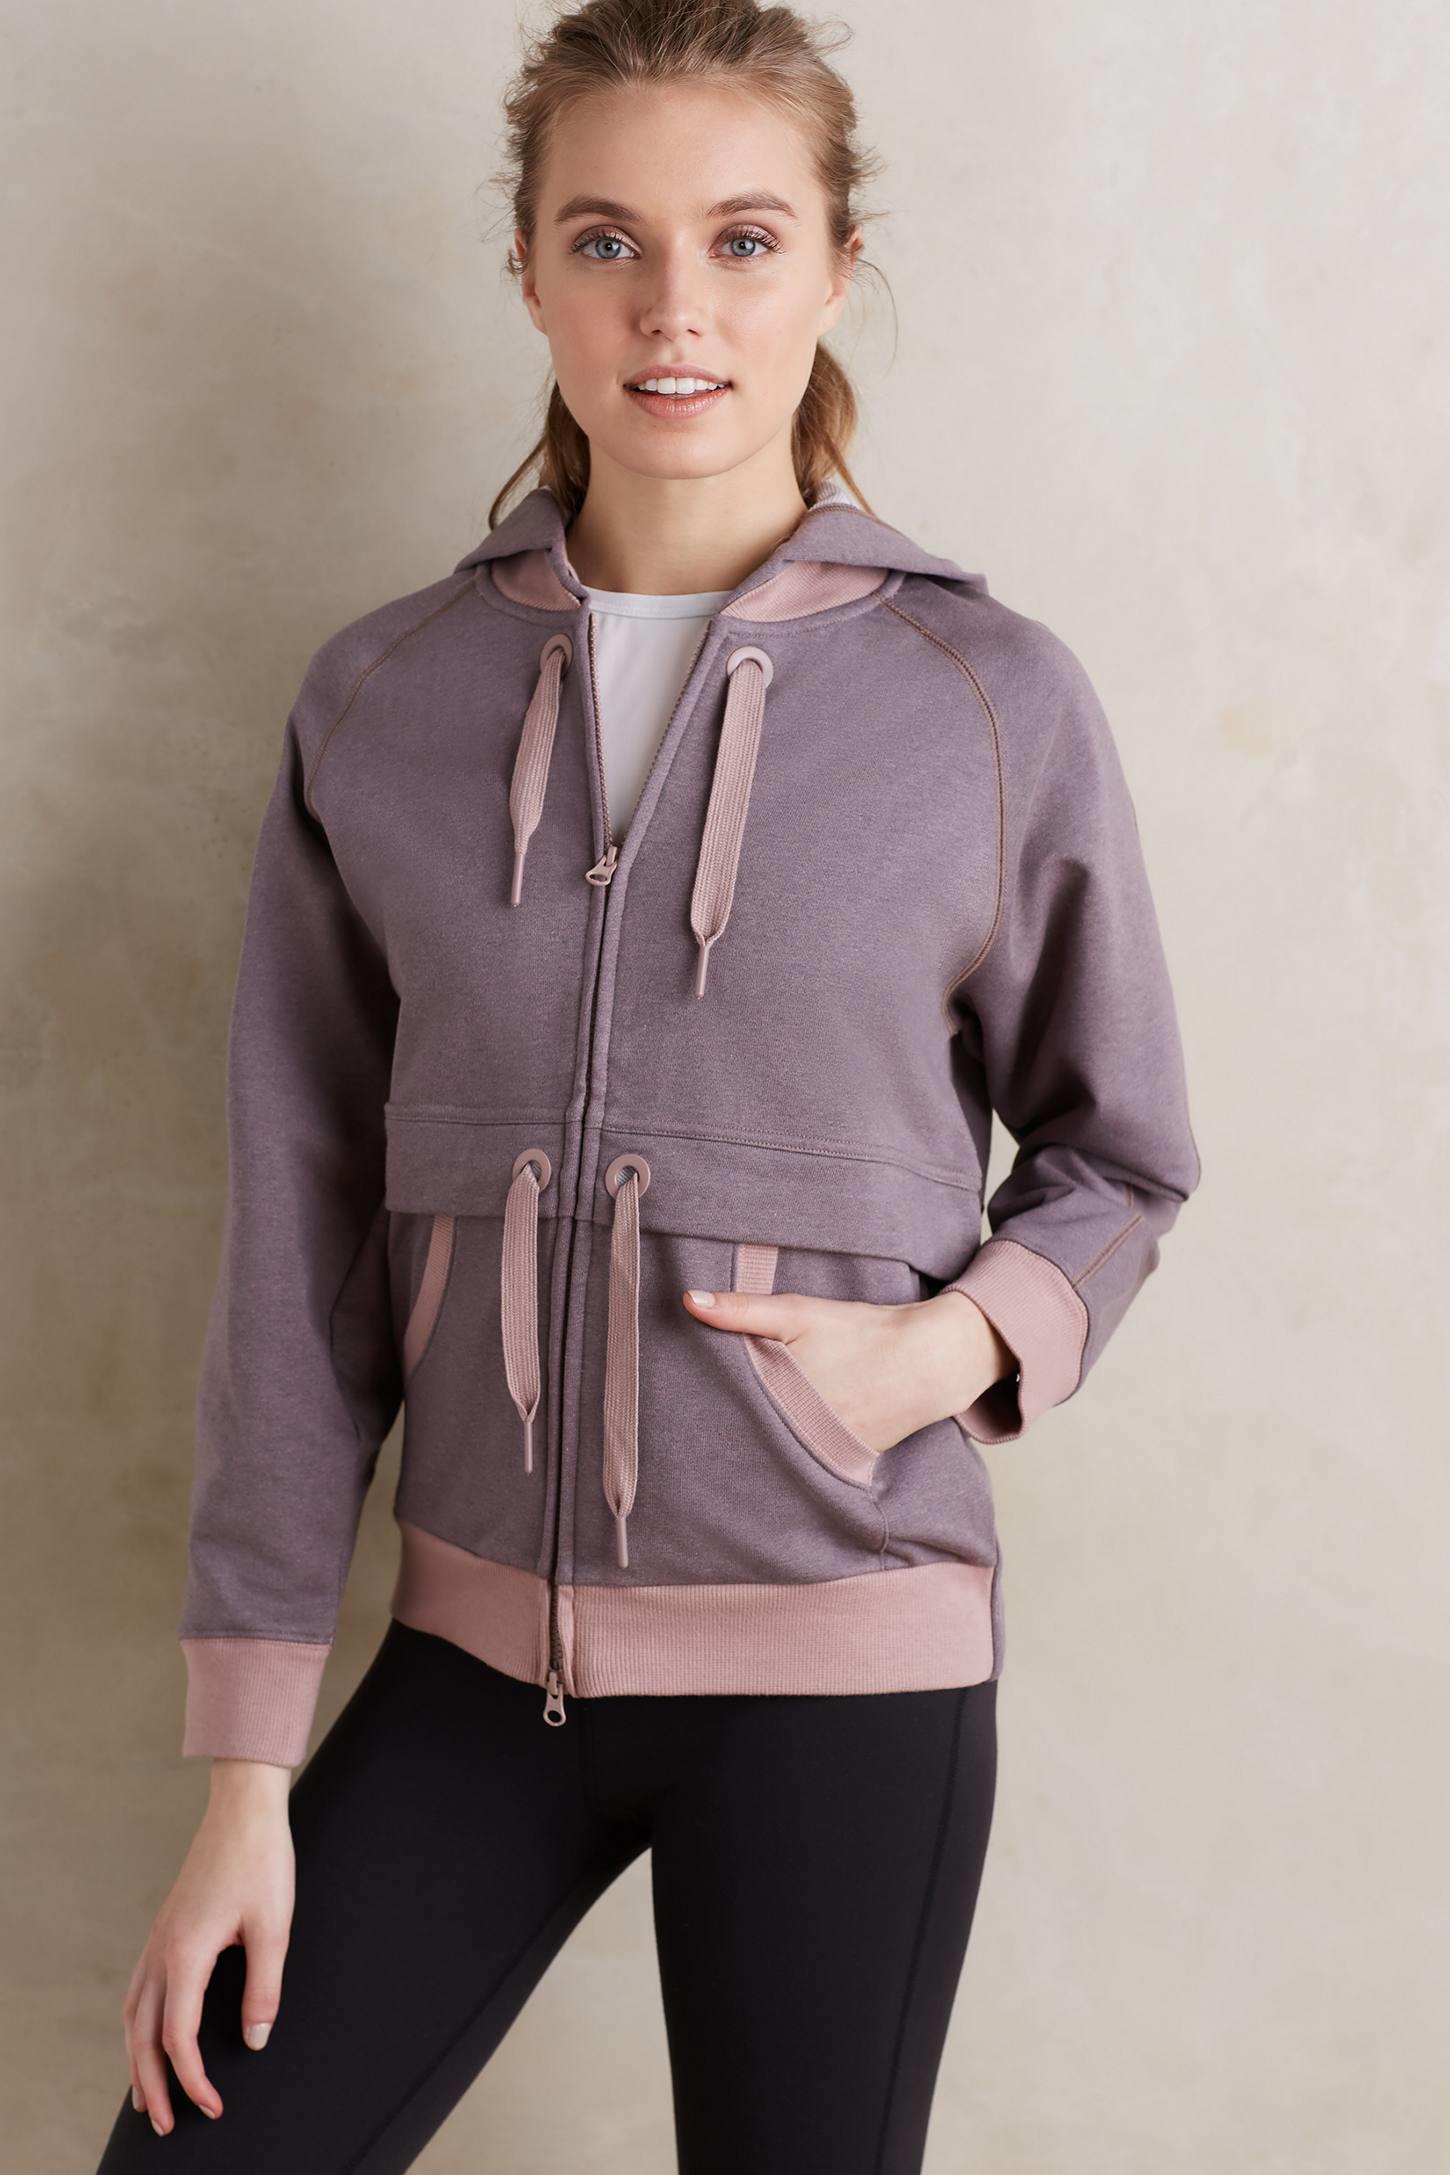 Adidas Stella Mccartney Studio Essentials Women's Hoodie